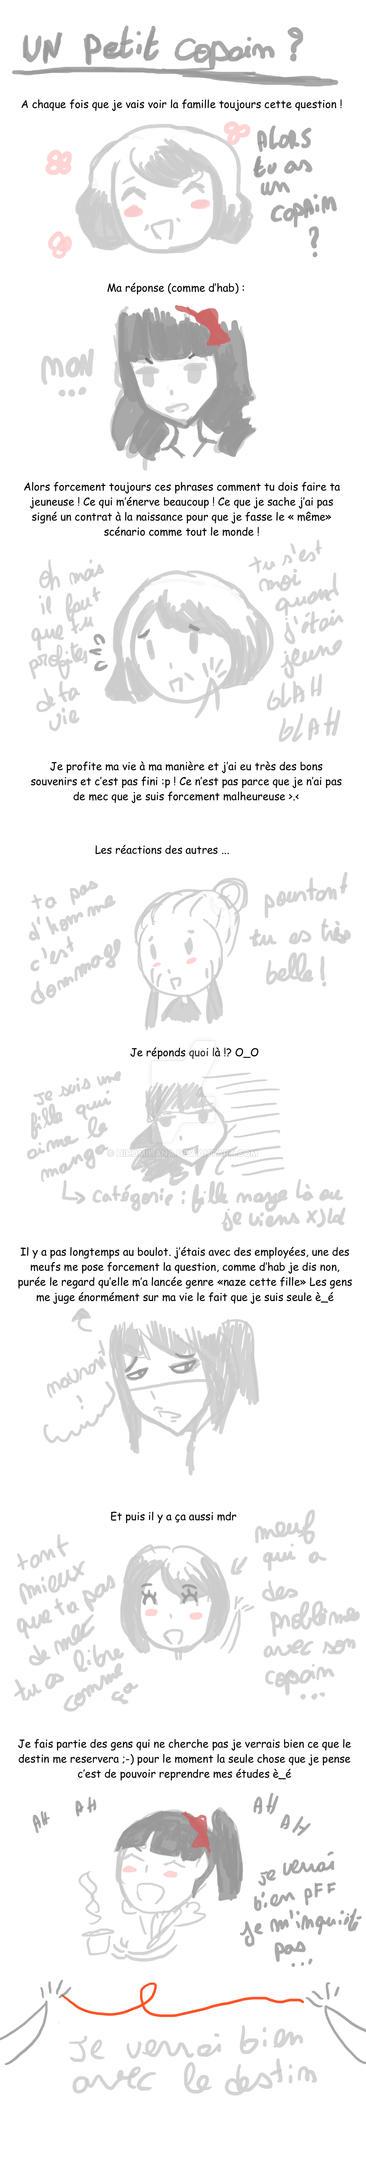 Un Petit Copain by hiromihana